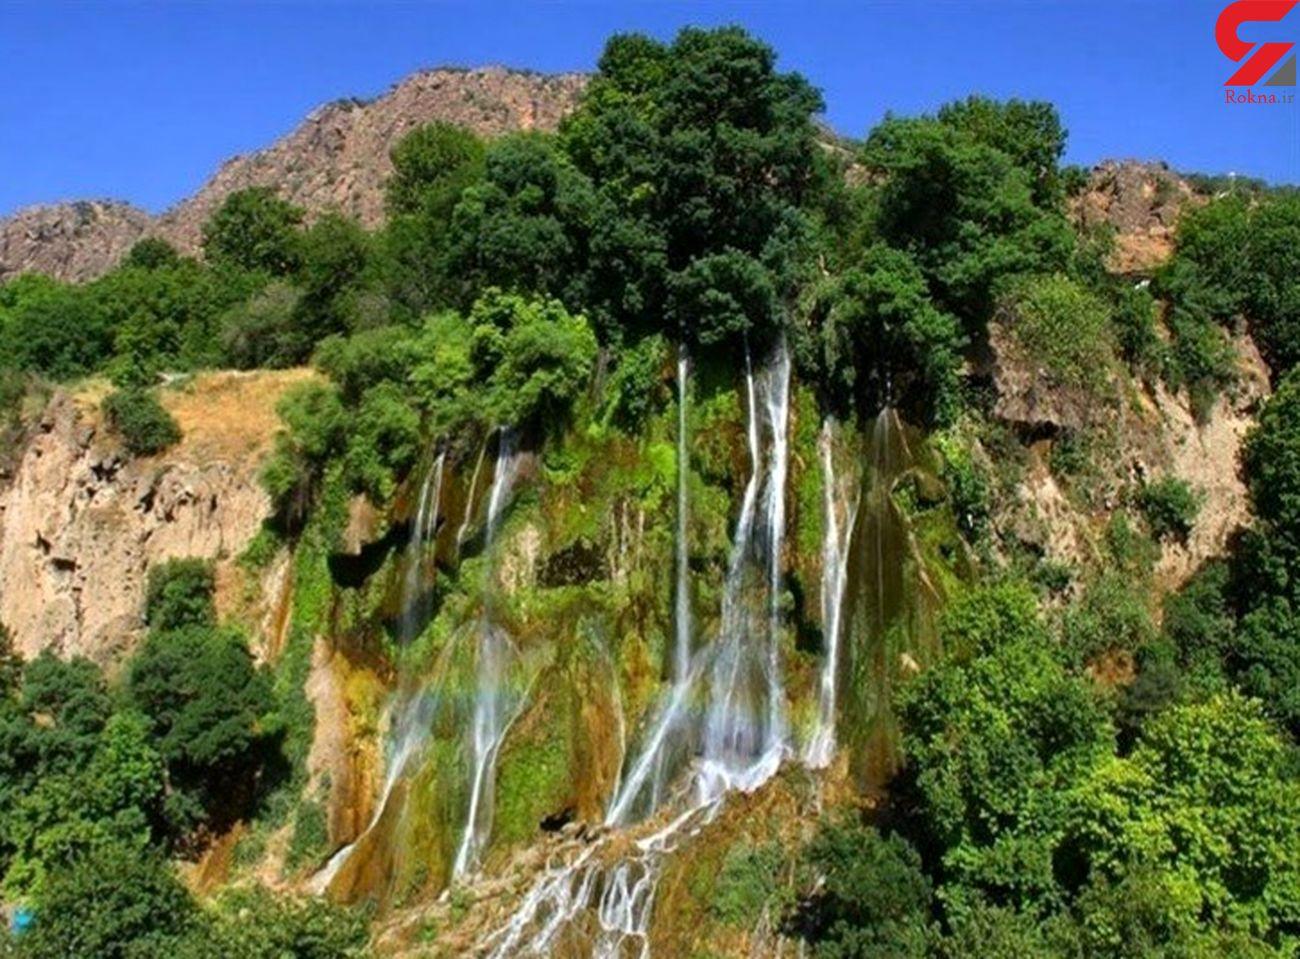 لرستان، دیار آبشارهای هفتگانه منحصر به فرد